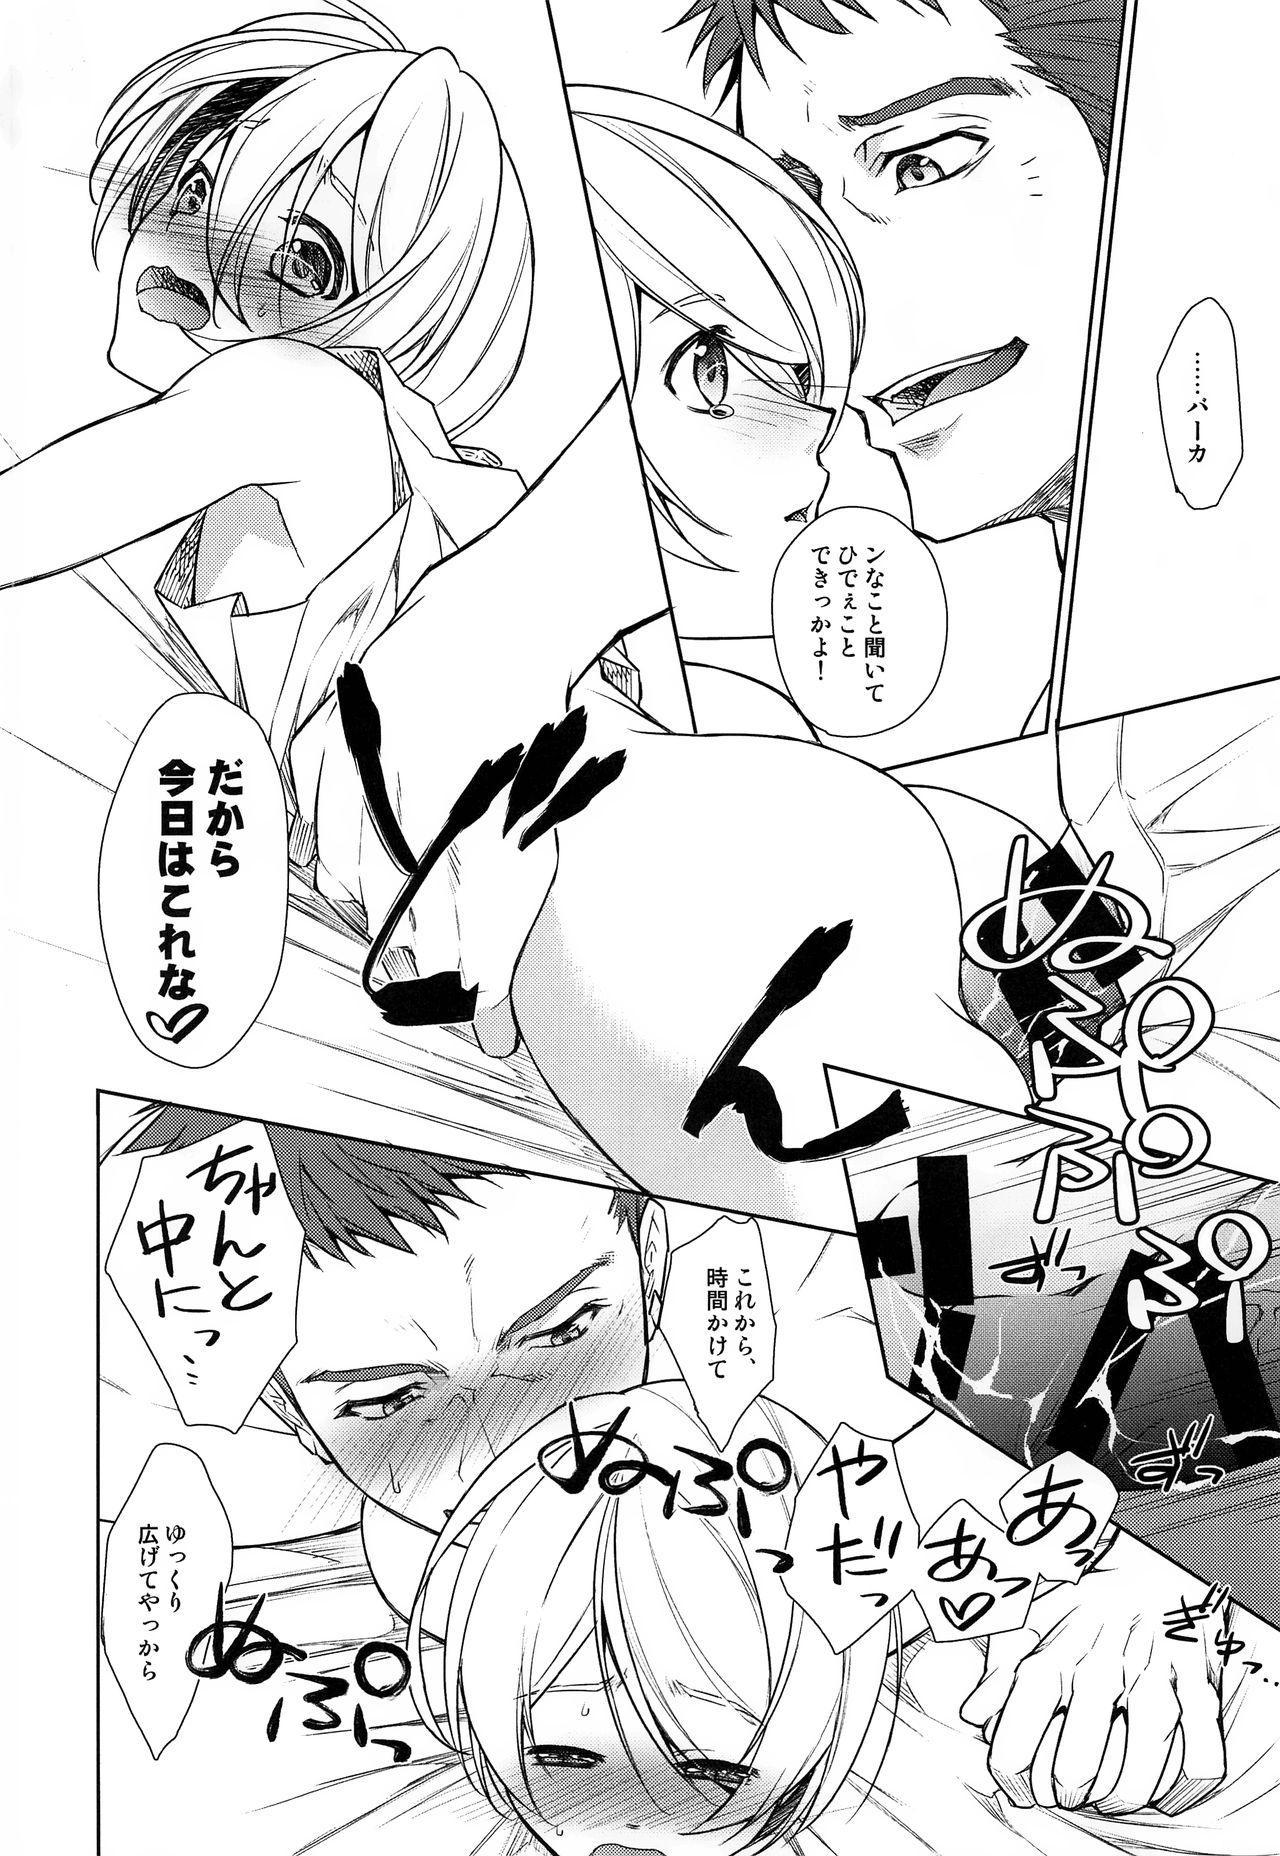 Zenbu Yamagi ga Ecchi na no ga Warui 16